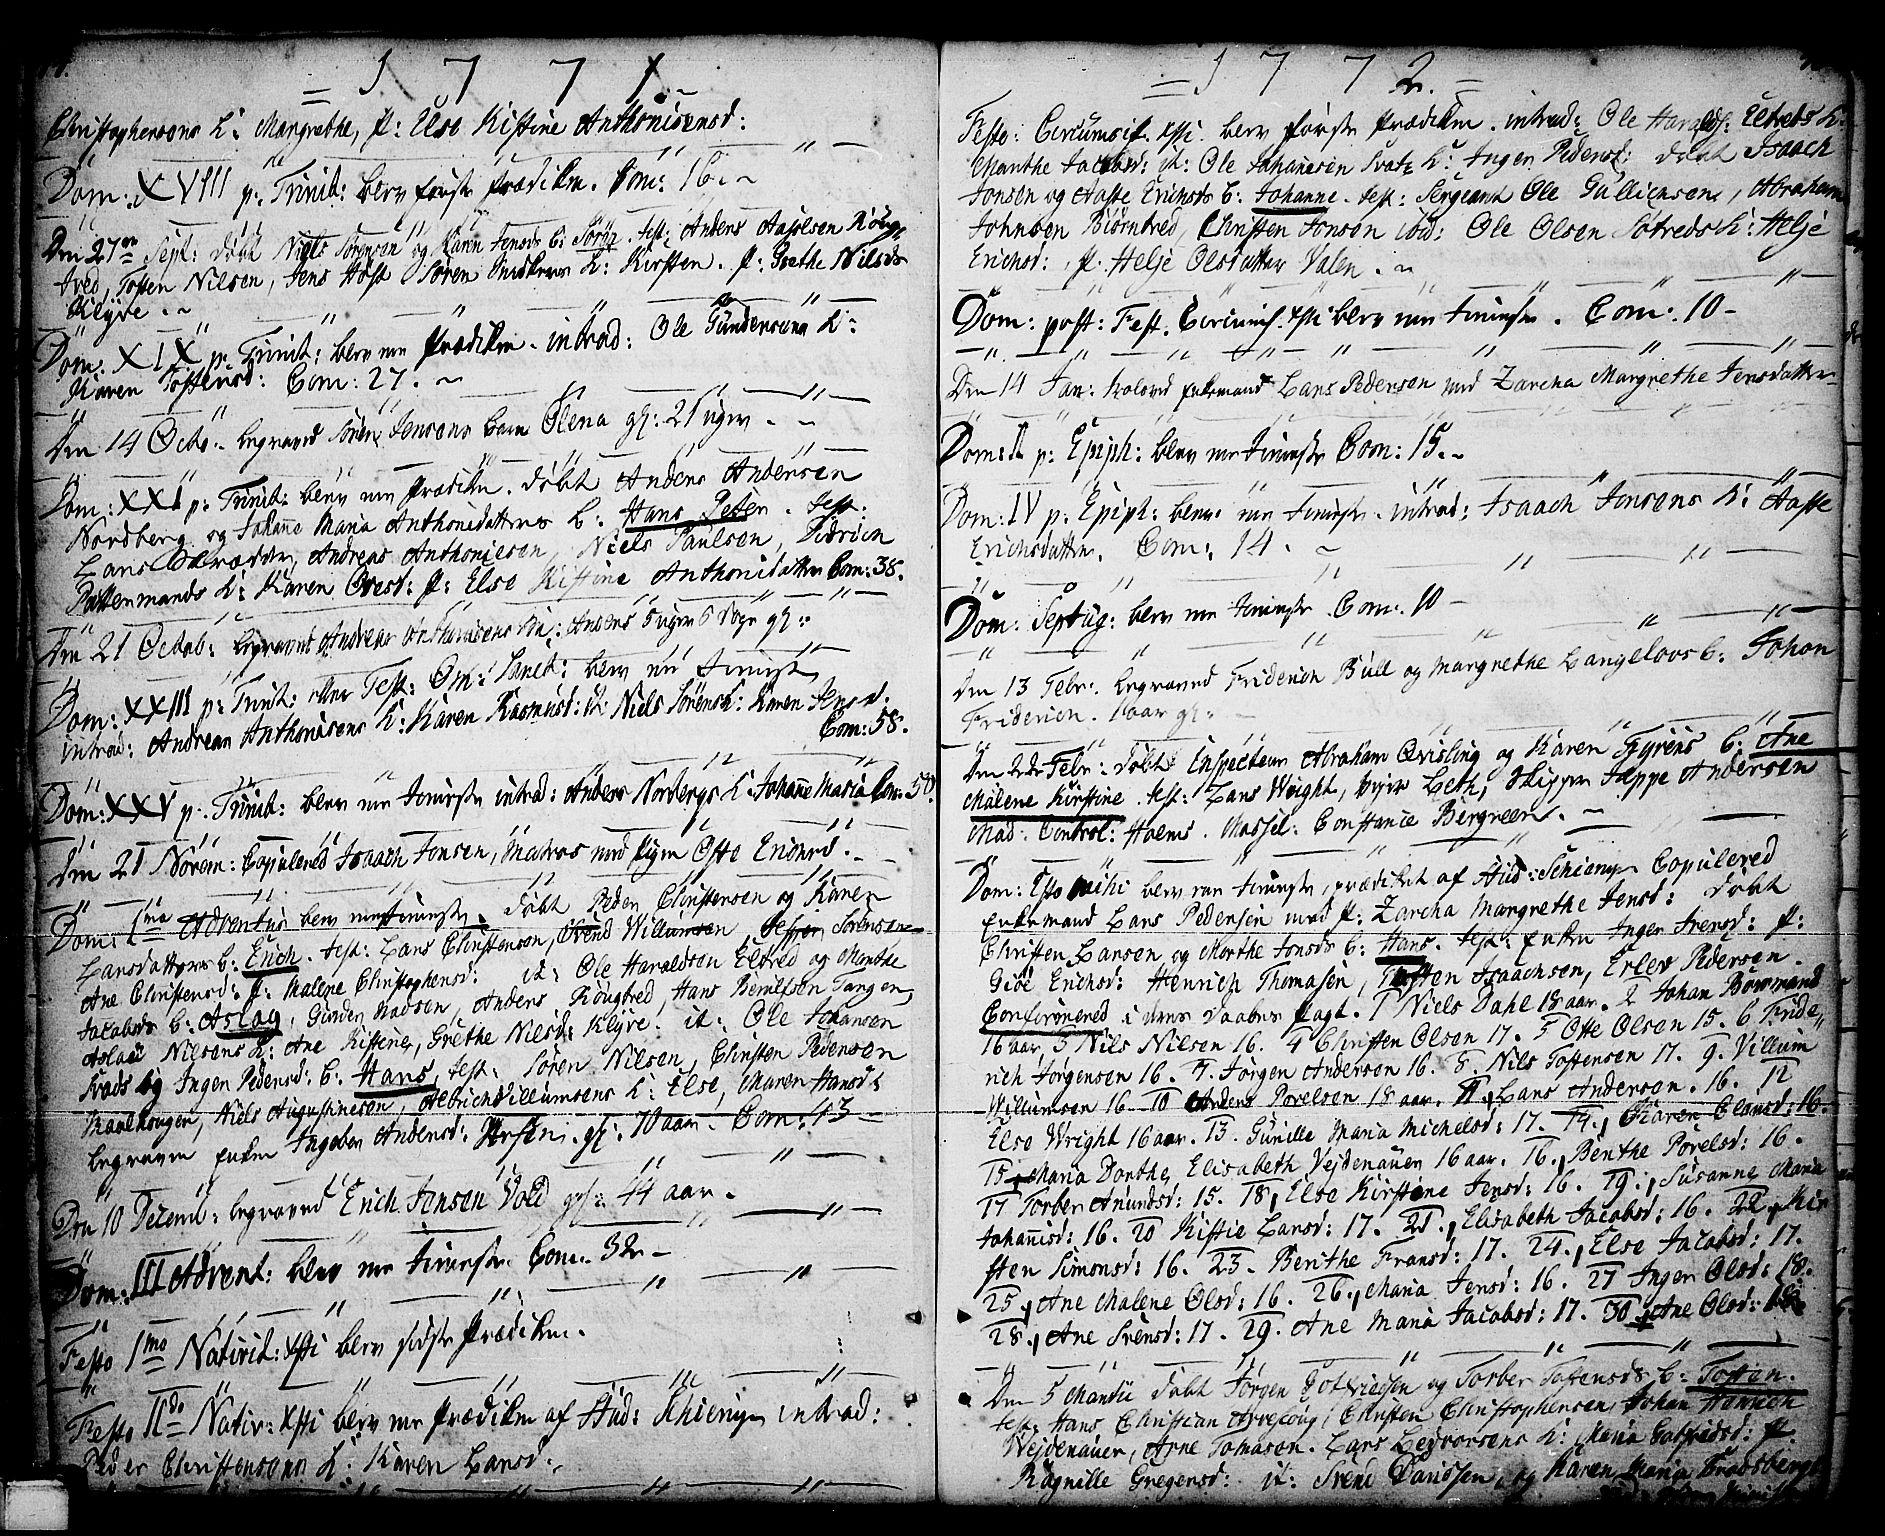 SAKO, Porsgrunn kirkebøker , F/Fa/L0001: Ministerialbok nr. 1, 1764-1814, s. 44-45